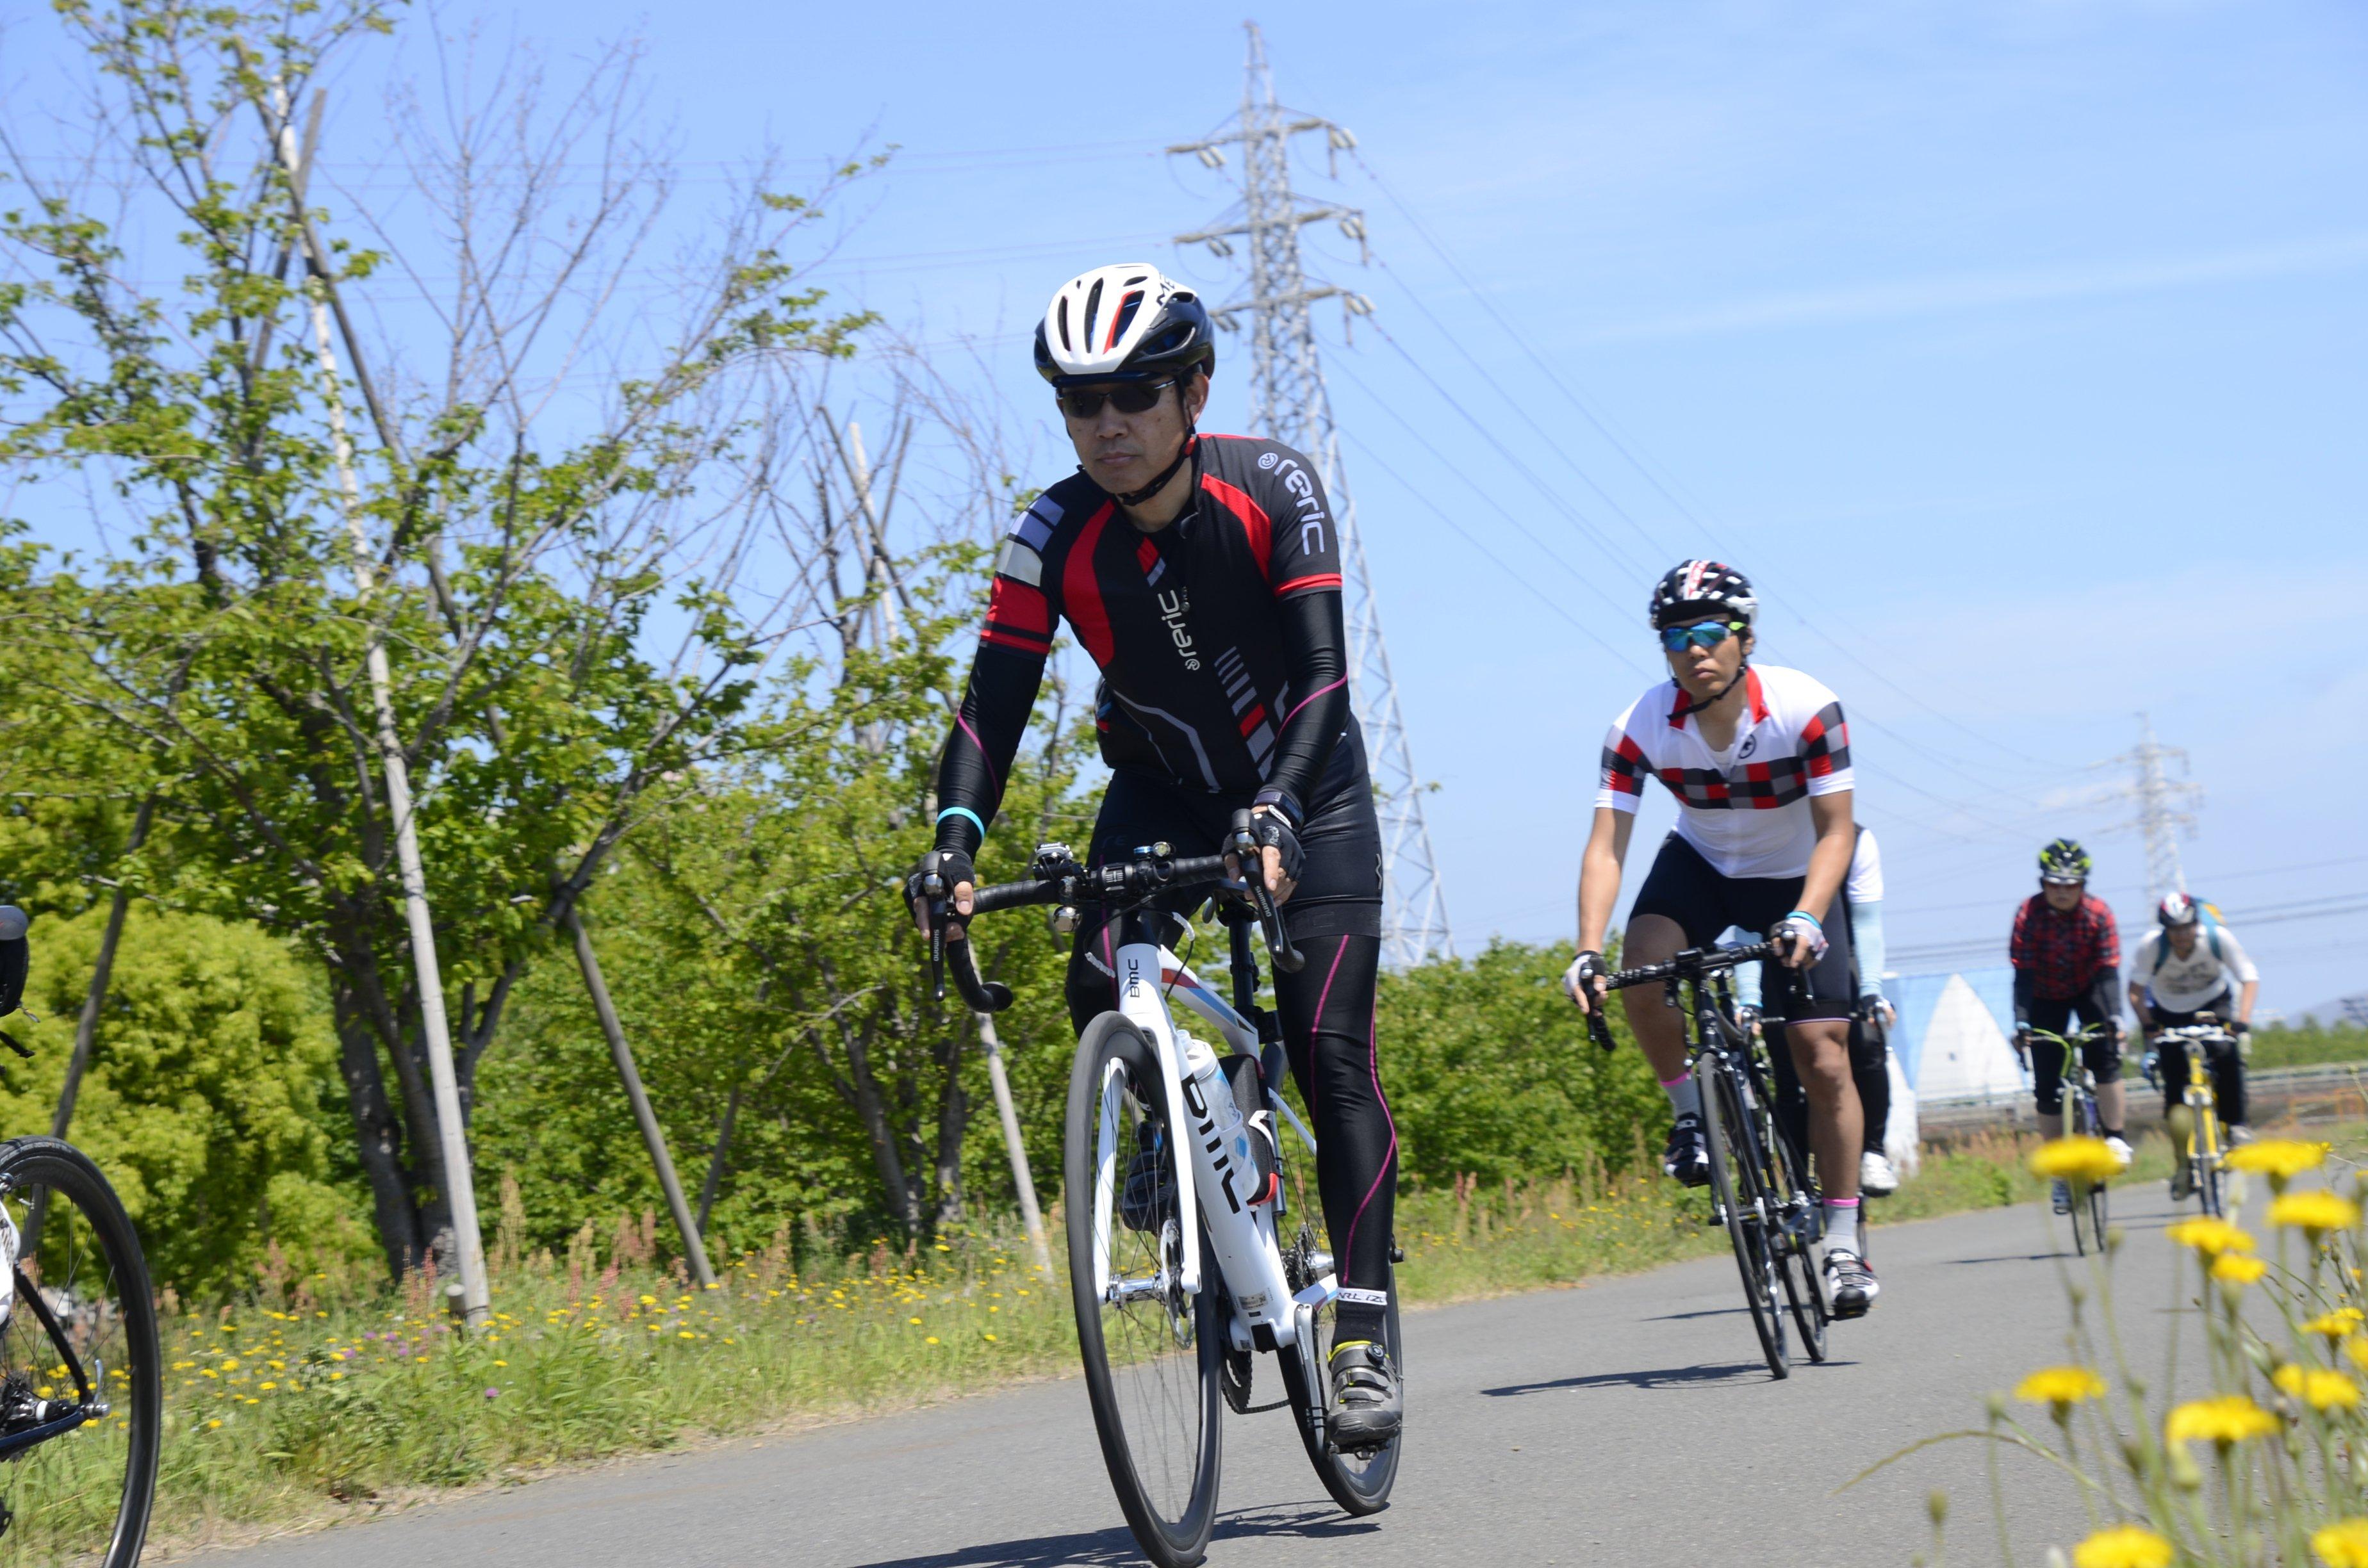 【4月17日土曜】午前の部・中級!! 中級スポーツサイクリング20km ヒルクライム基礎 参加費 午前8時から のイメージその3